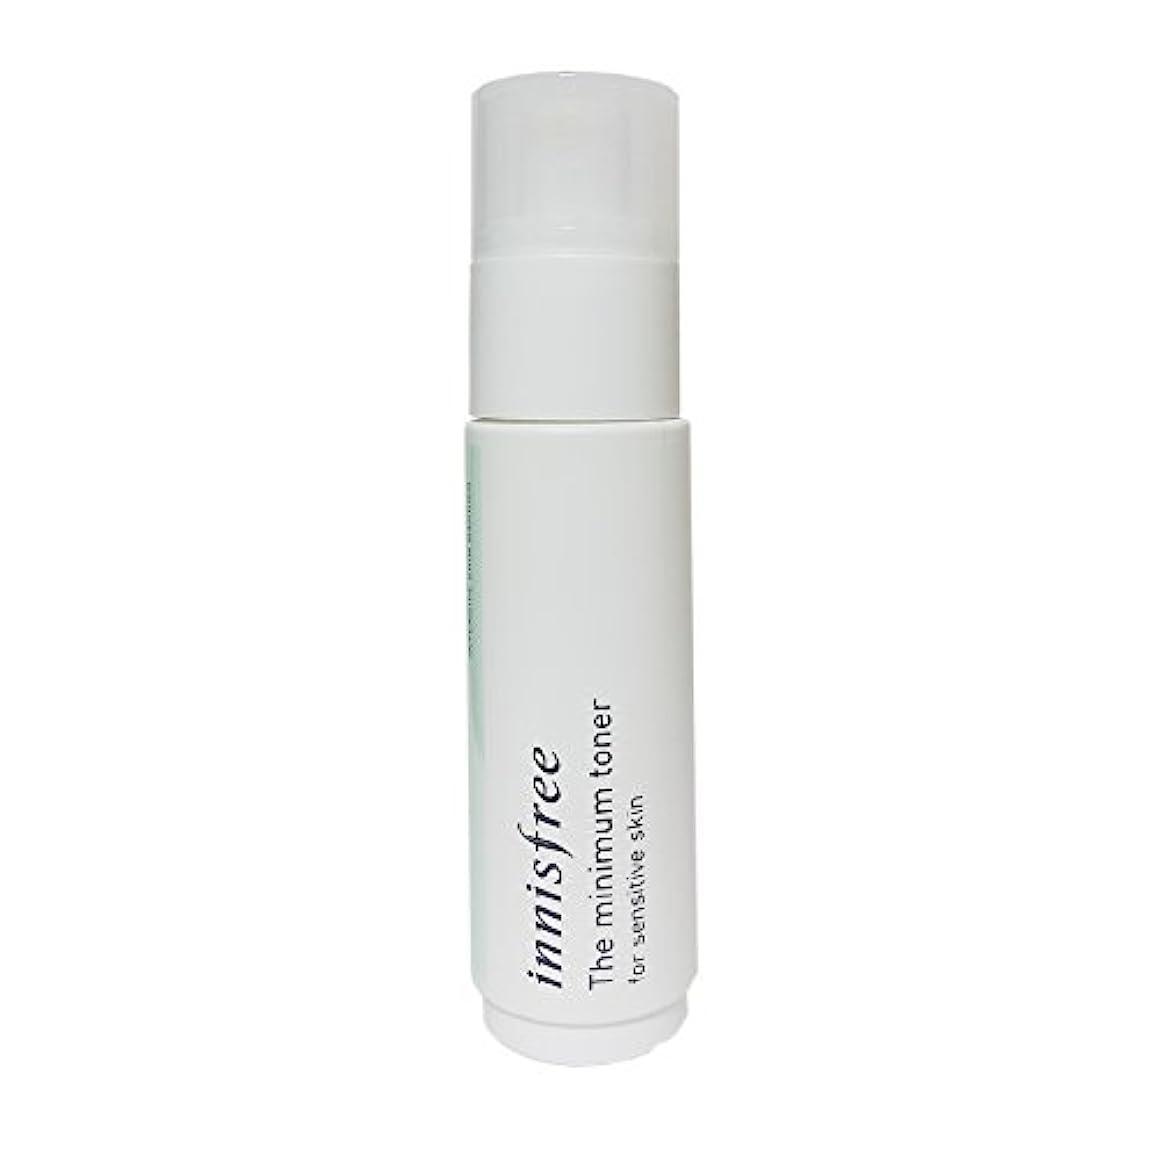 アラート保持する図書館[イニスフリー] Innisfree ザミニマム トナー敏感肌用(45ml) Innisfree The Minimum Toner For Sensitive Skin(45ml)  [海外直送品]